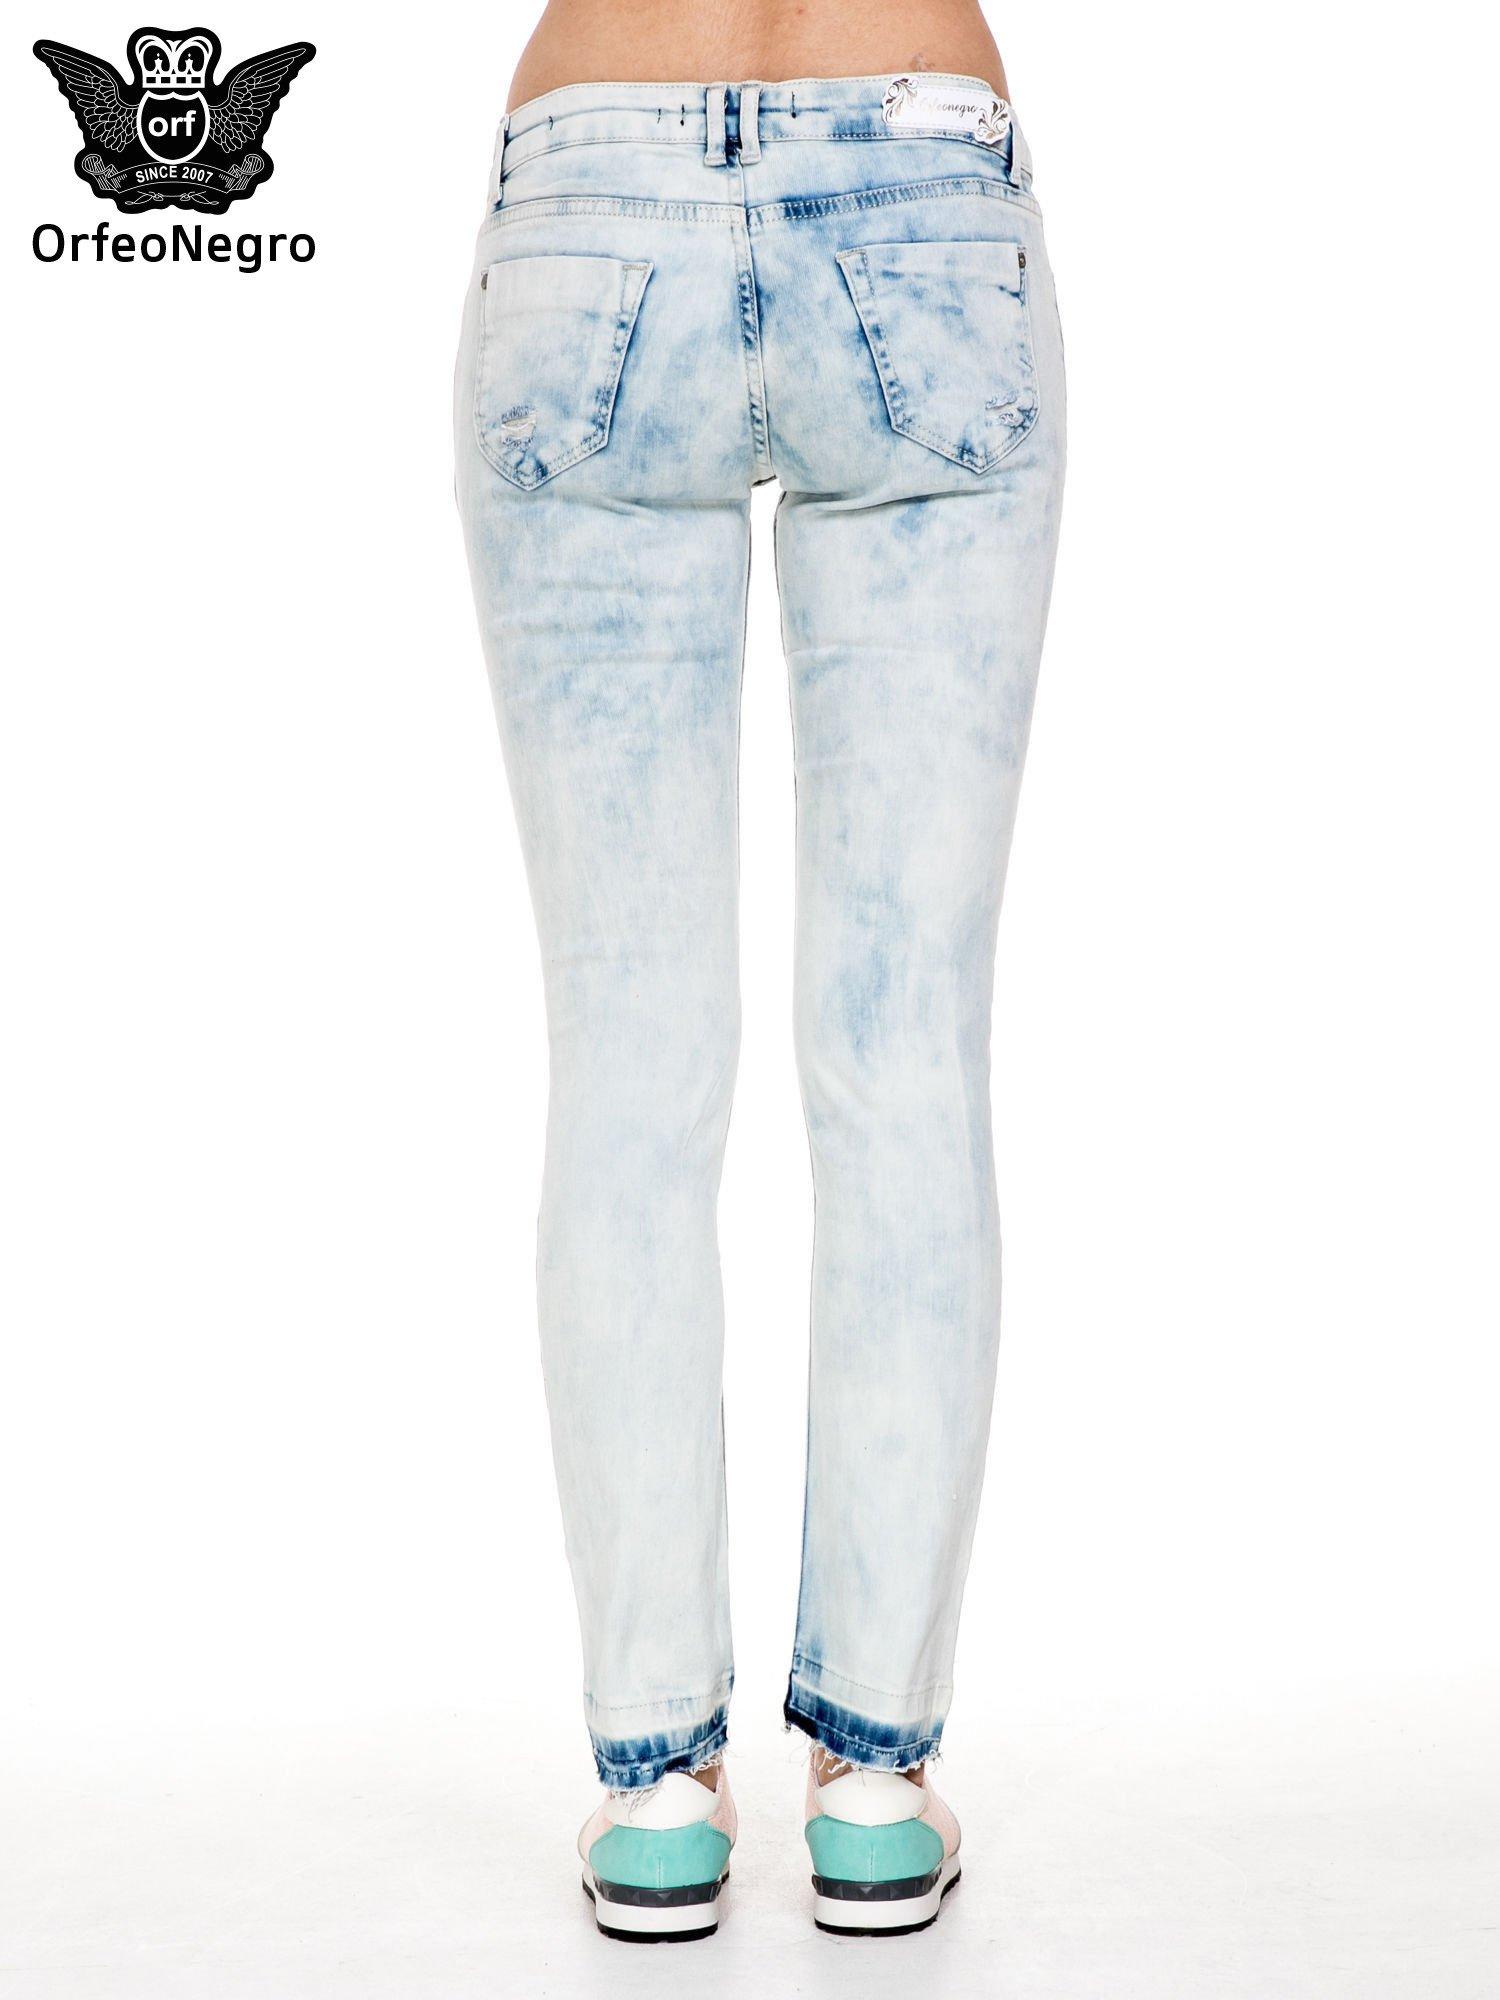 Jasnoniebieskie spodnie jeansowe rurki z przetarciami i poszarpaną na dole nogawką                                  zdj.                                  4